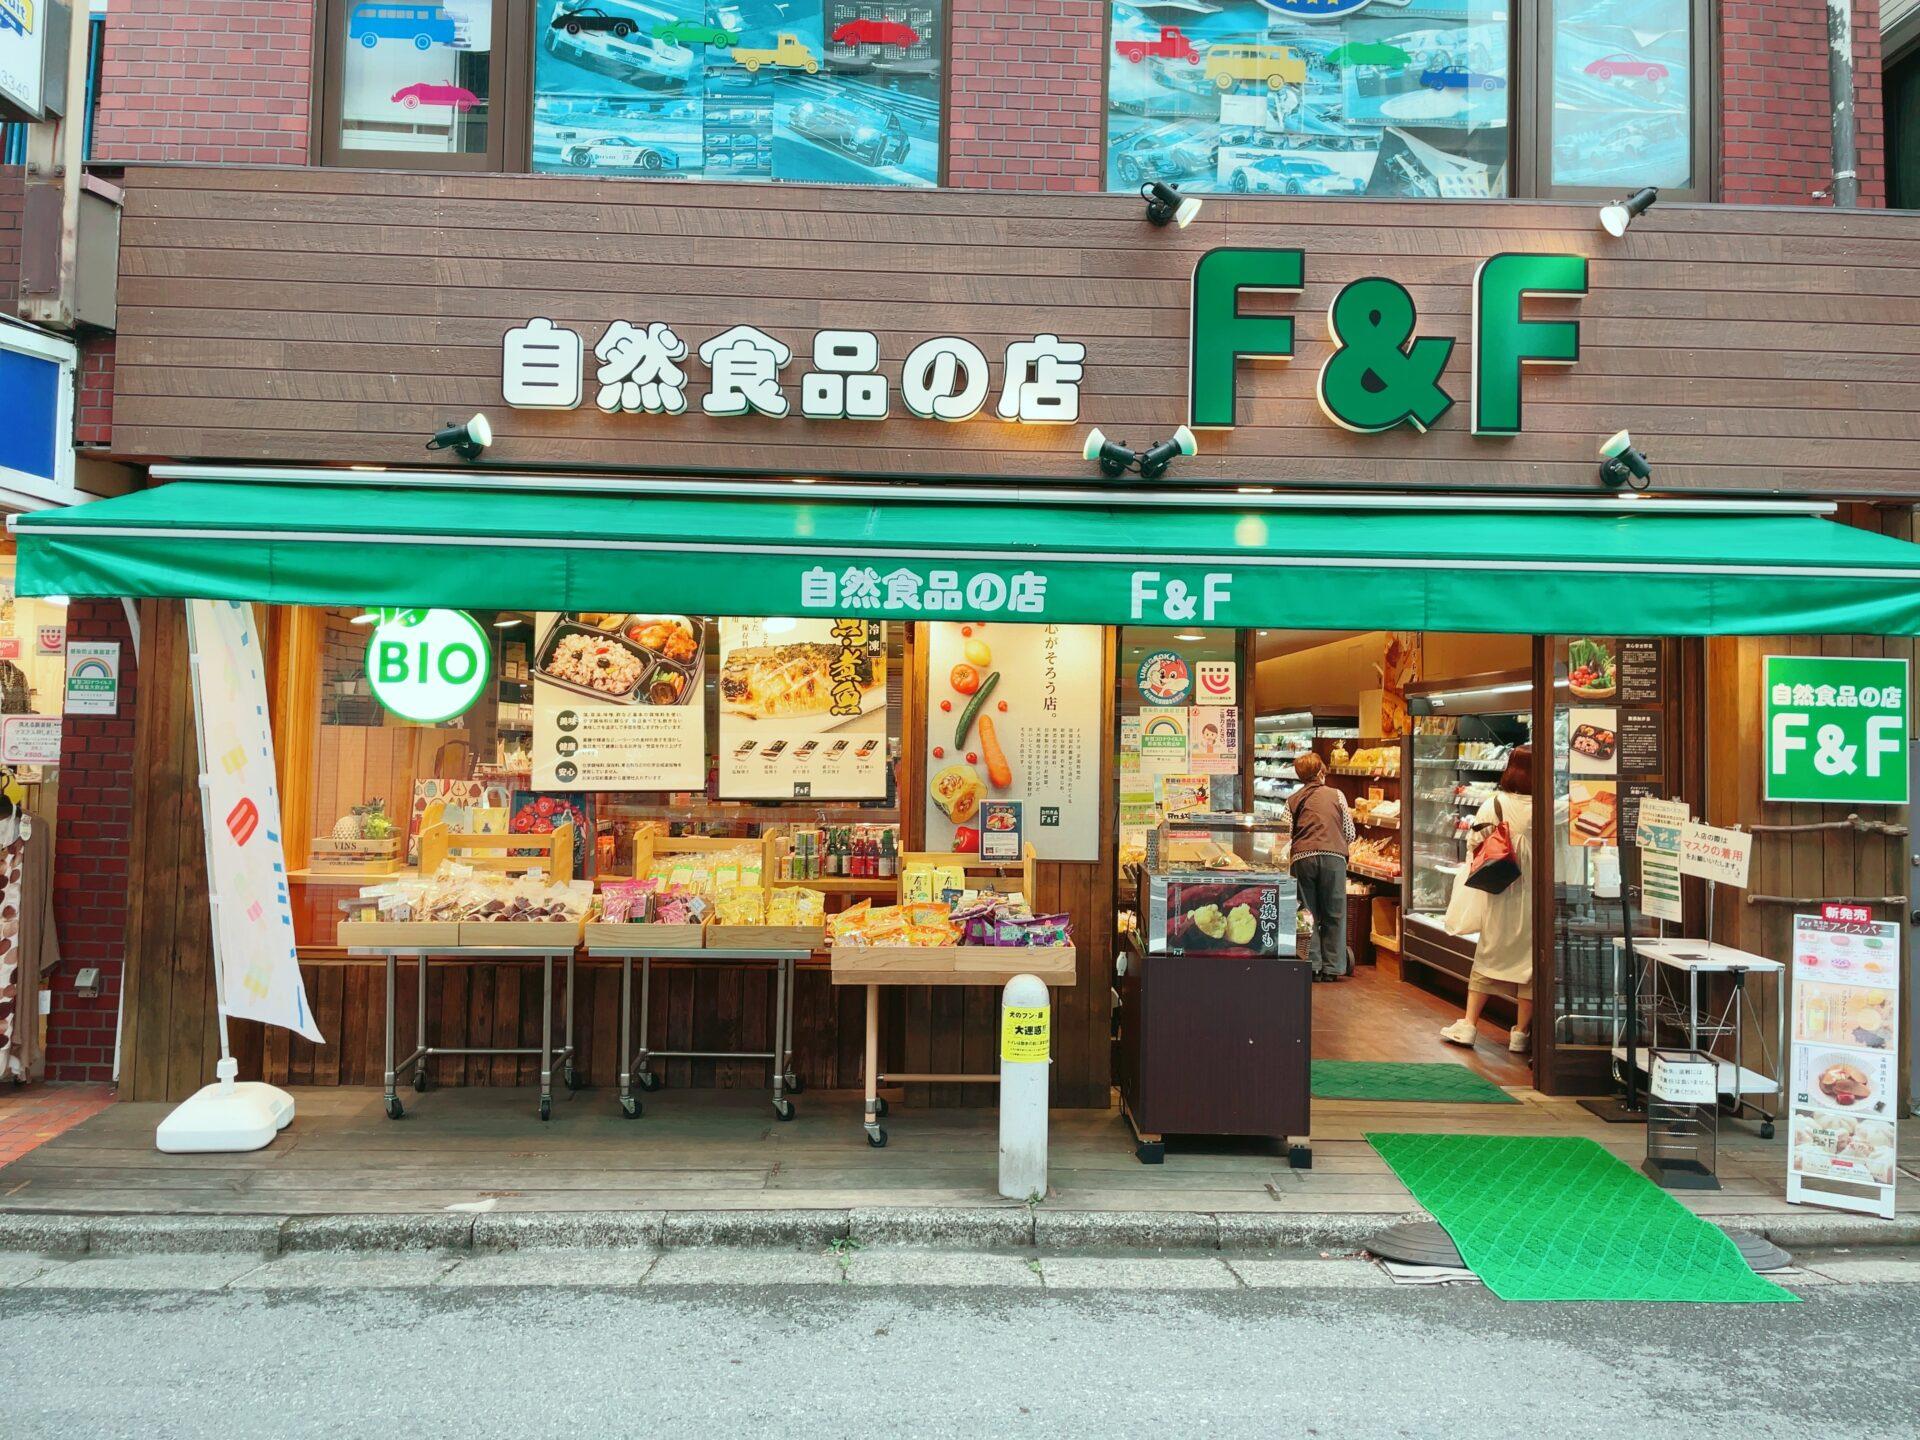 参考:自然食品の店F&F梅ヶ丘店